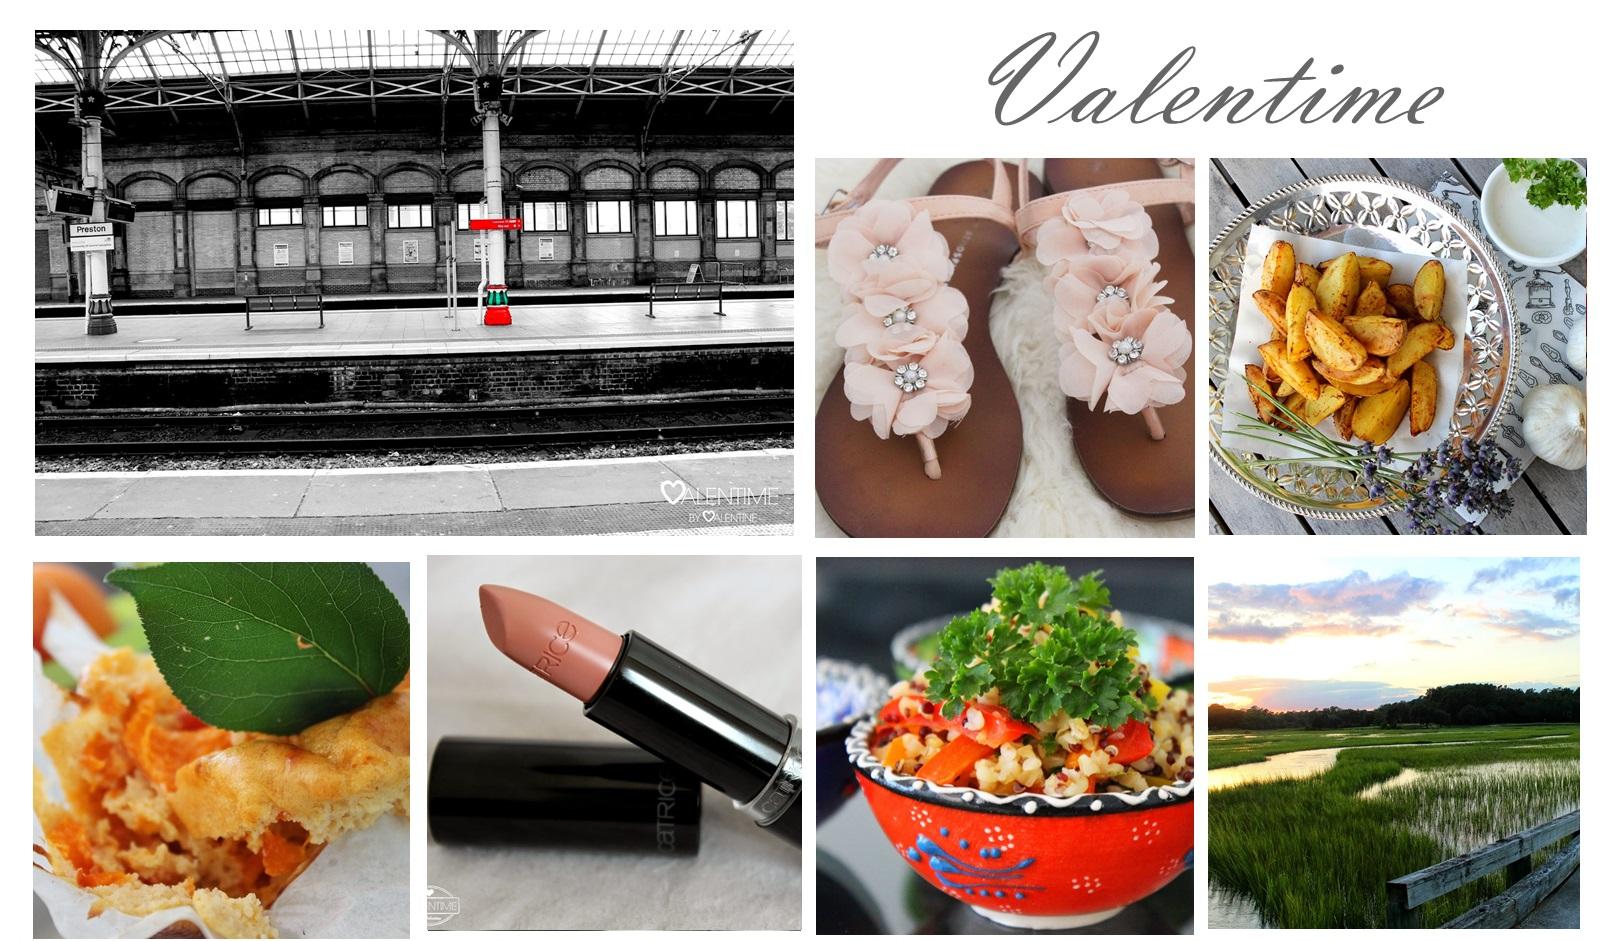 http://www.valentimebyvalentine.blogspot.de/